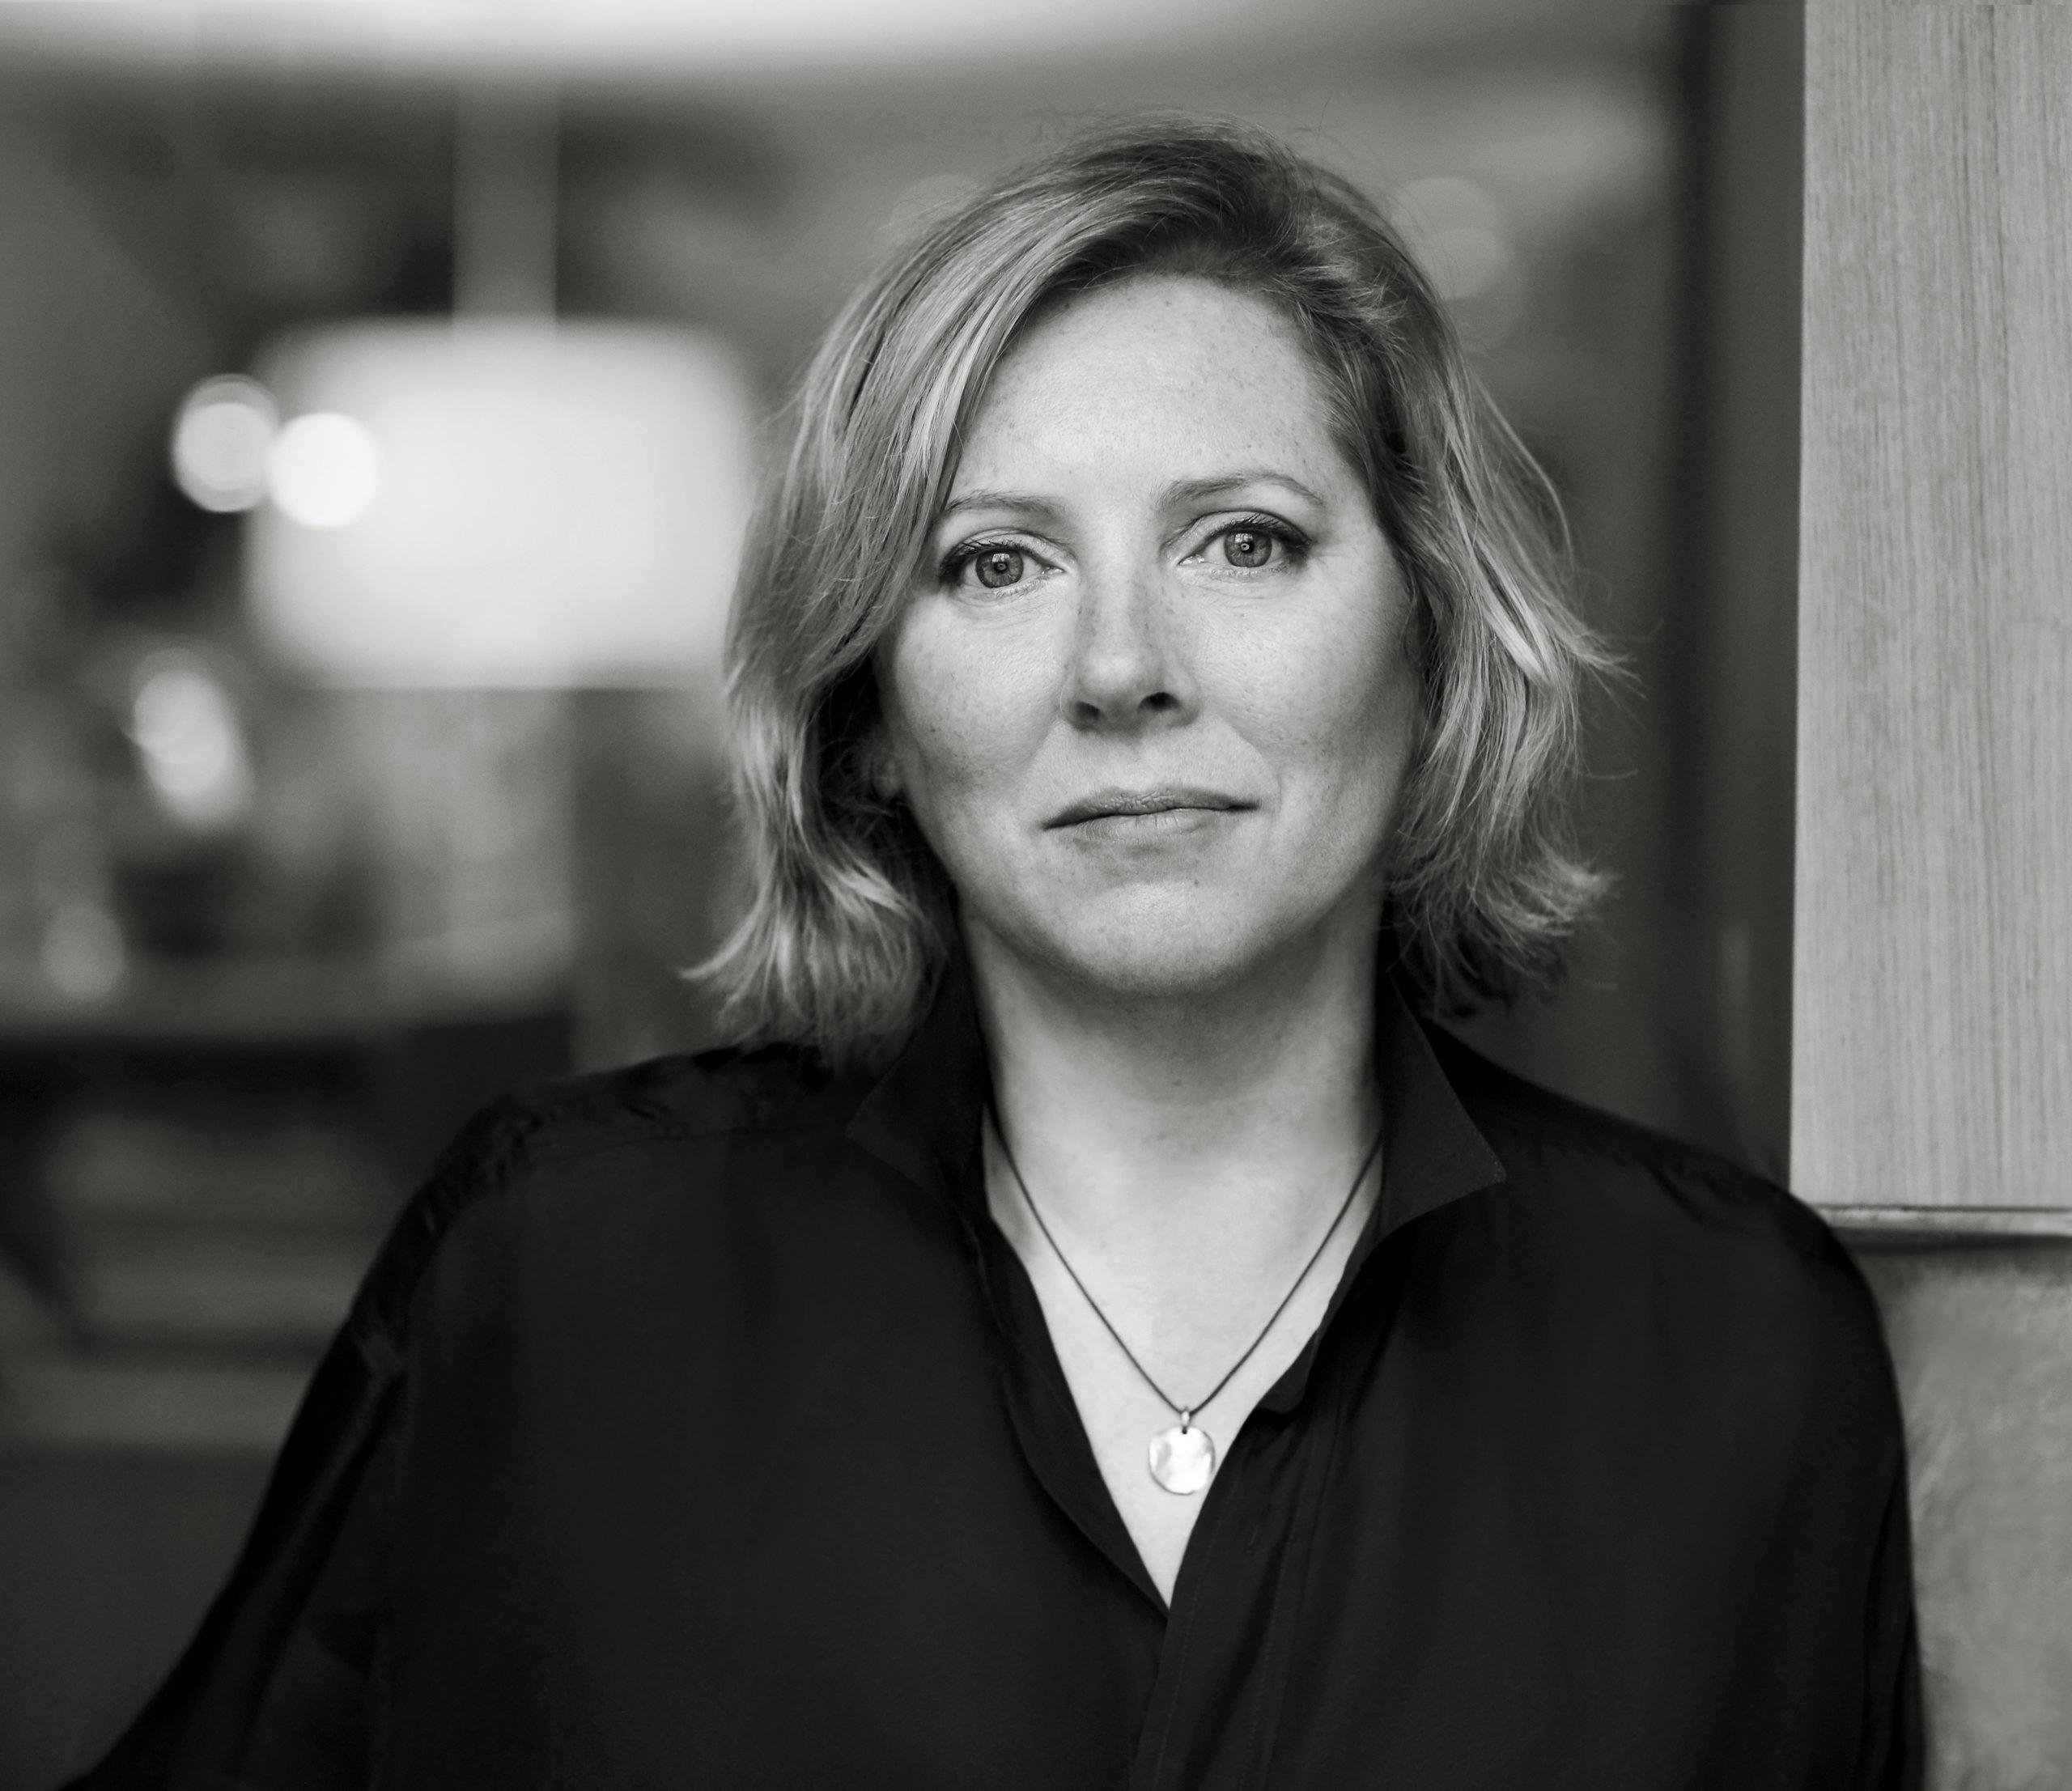 Juliet Warkentin